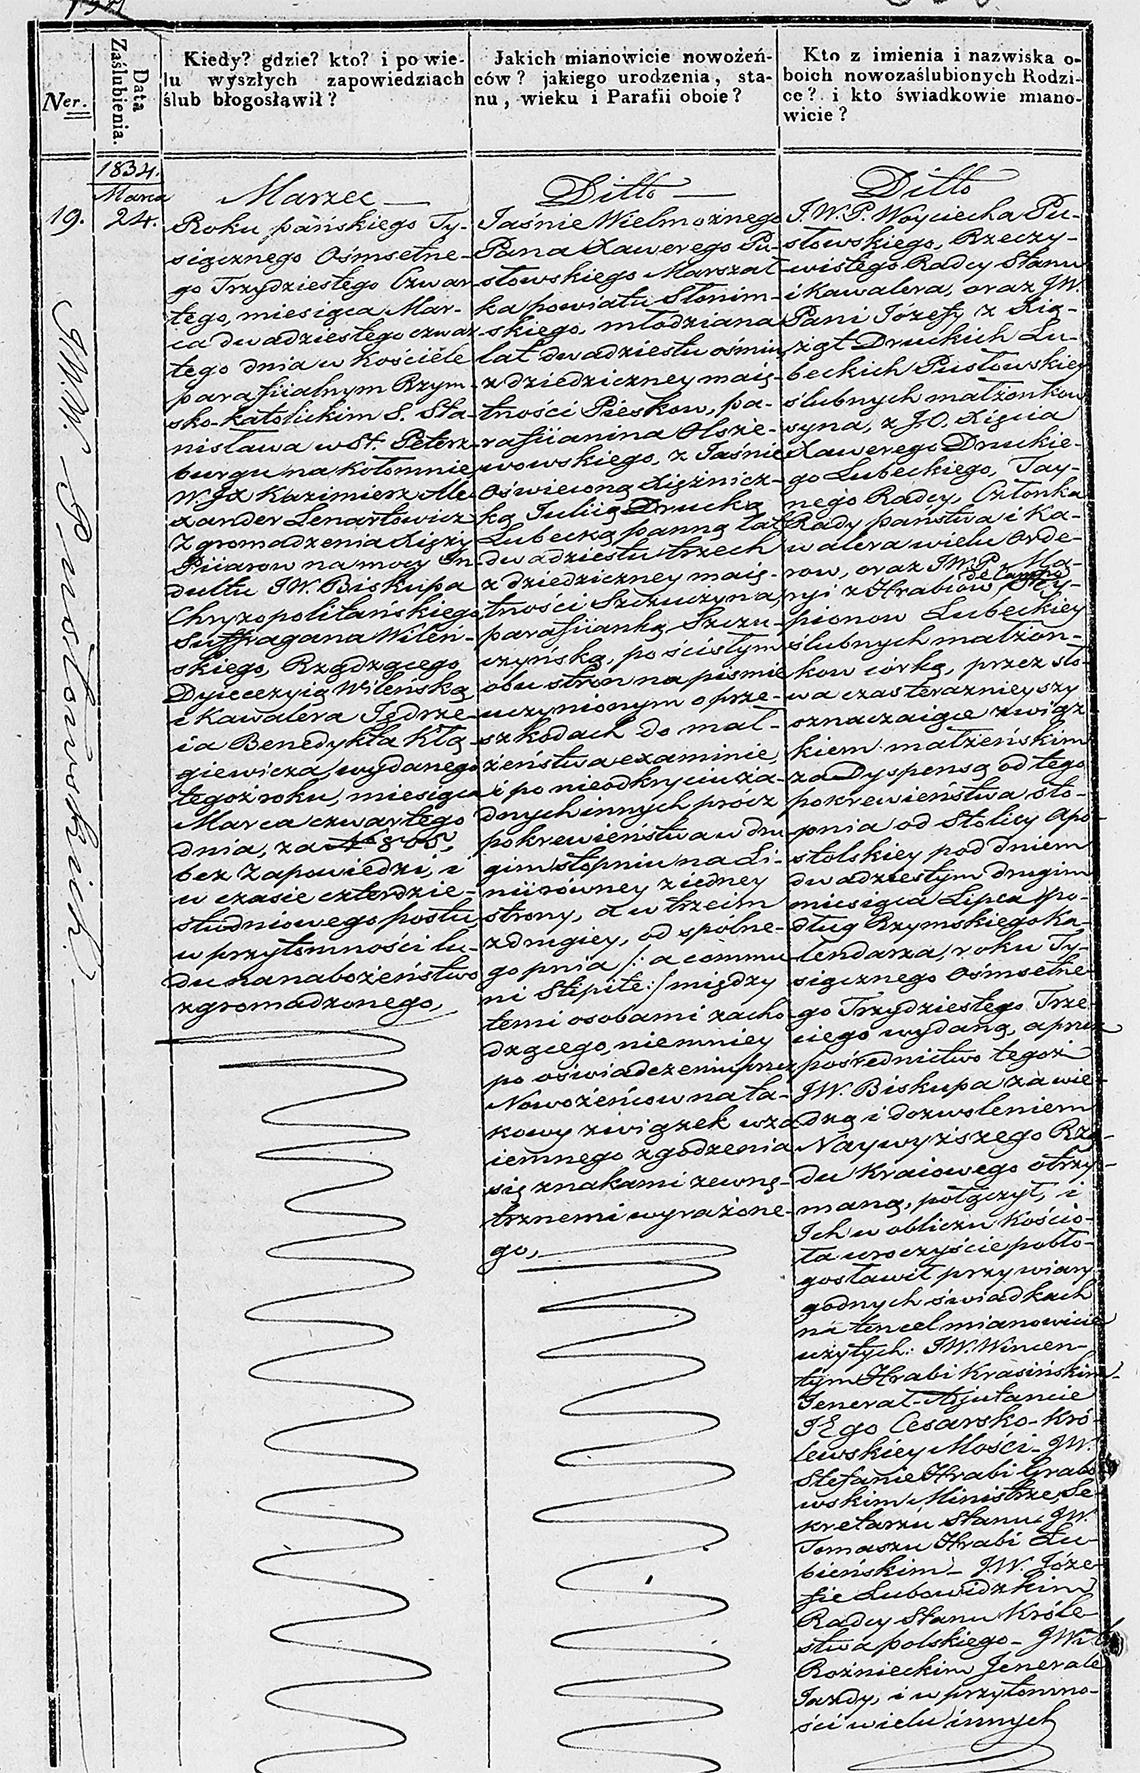 Akt metrykalny małżeństwa Xawery Pusłowski & Julia Drucka Lubecka małż. 24.03.1834 r.